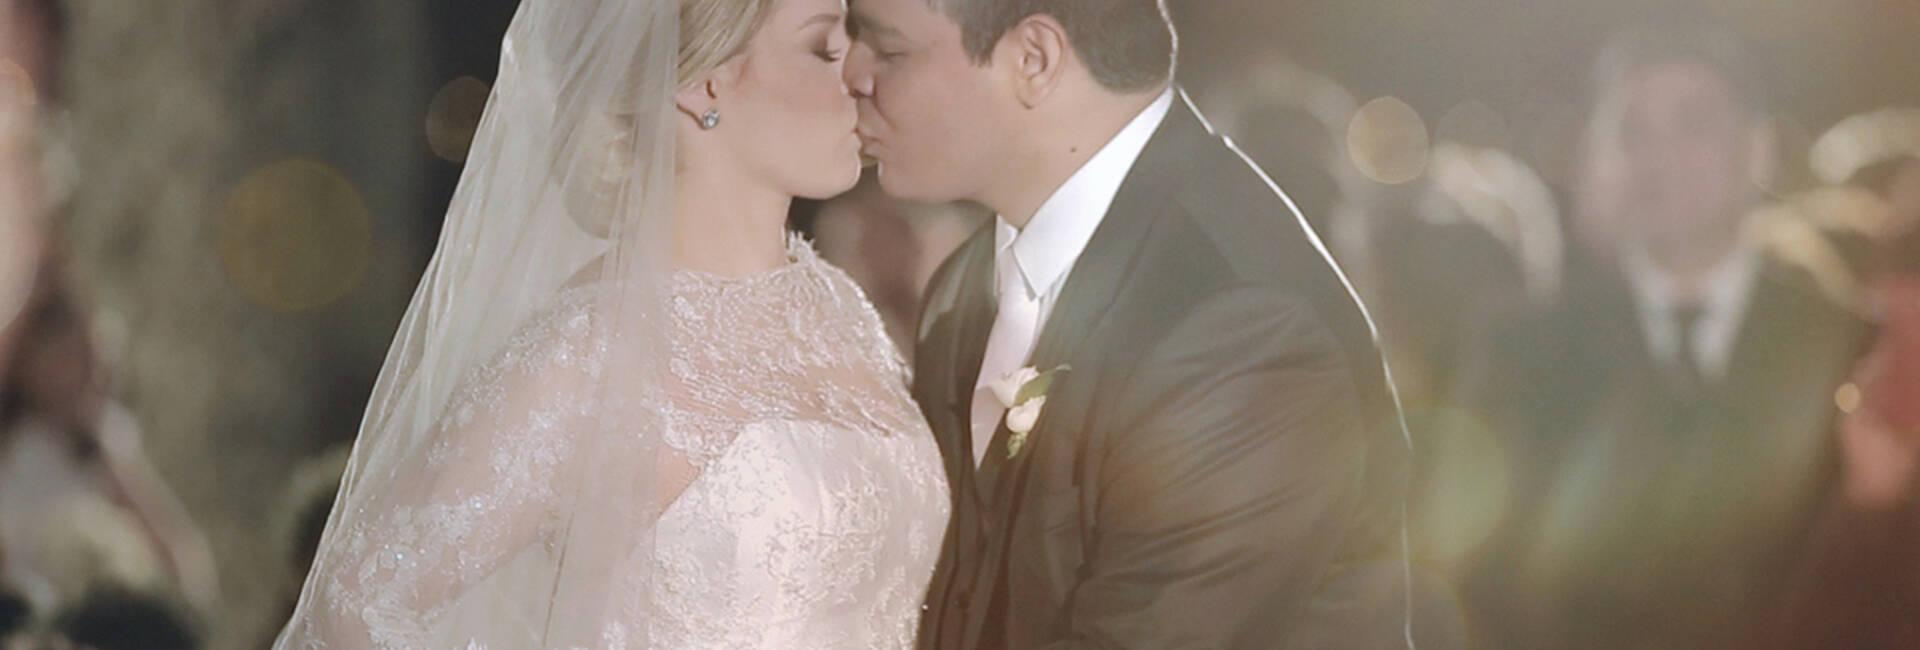 casamento de Camila e Kleber